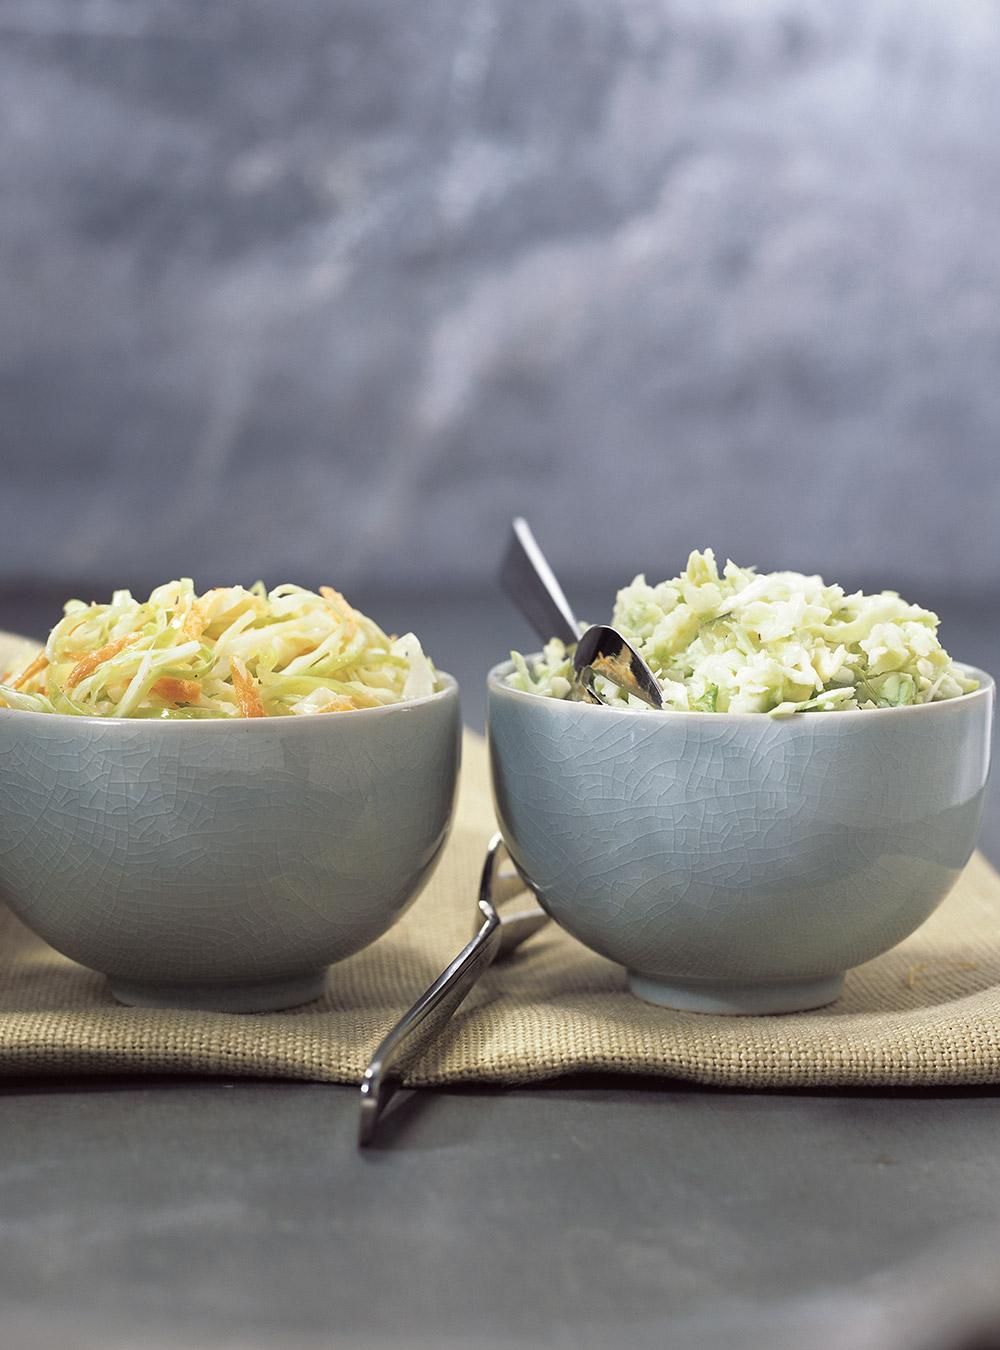 Salade de chou crémeuse | ricardo